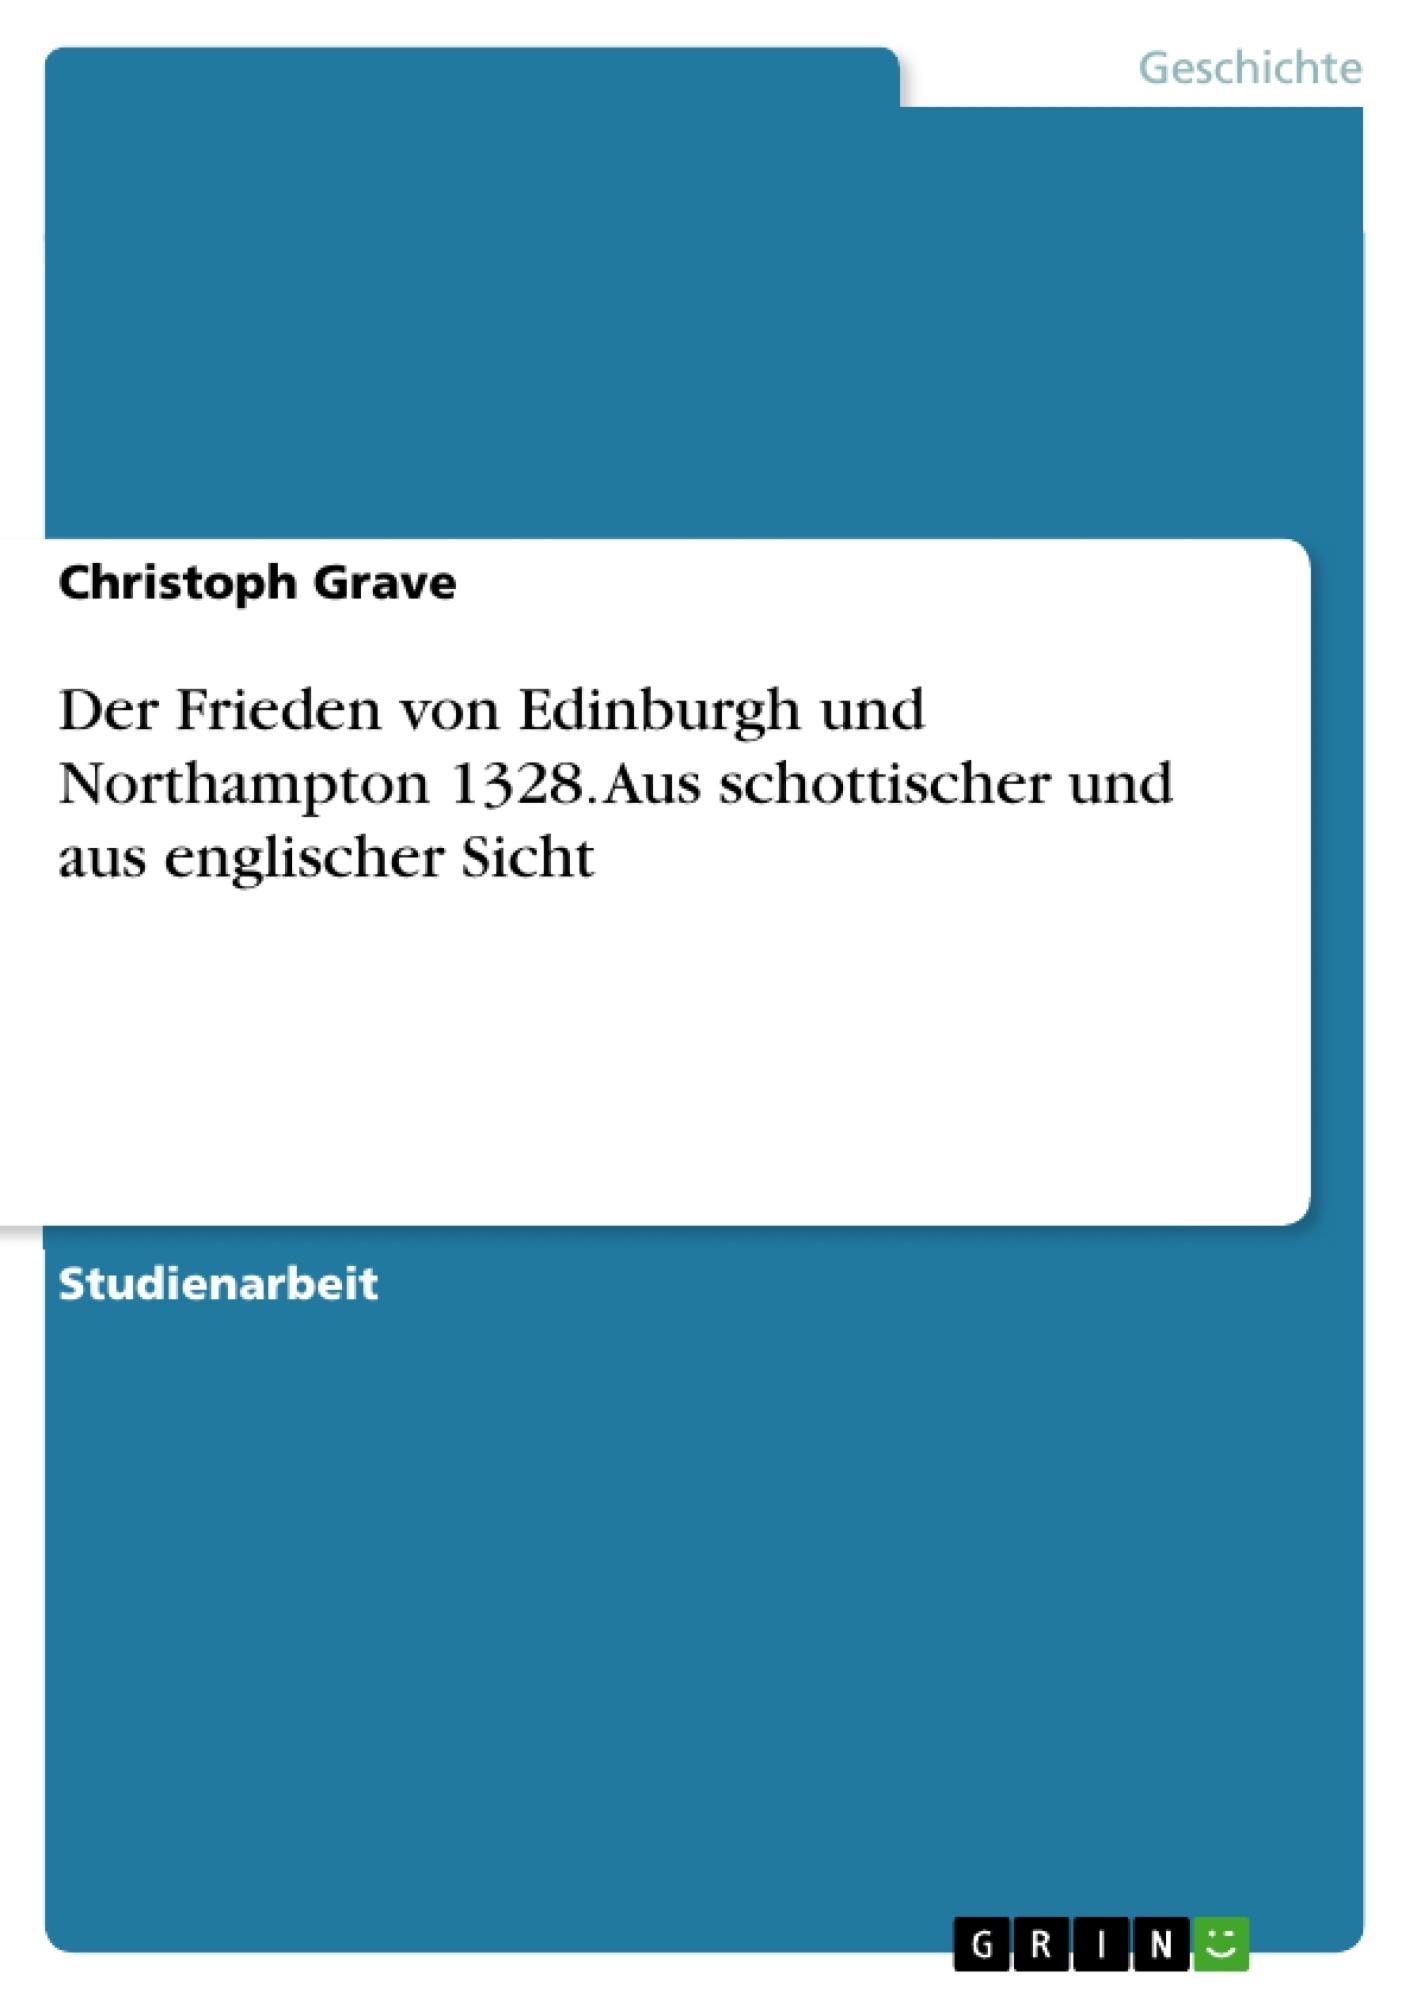 Titel: Der Frieden von Edinburgh und Northampton 1328. Aus schottischer und aus englischer Sicht